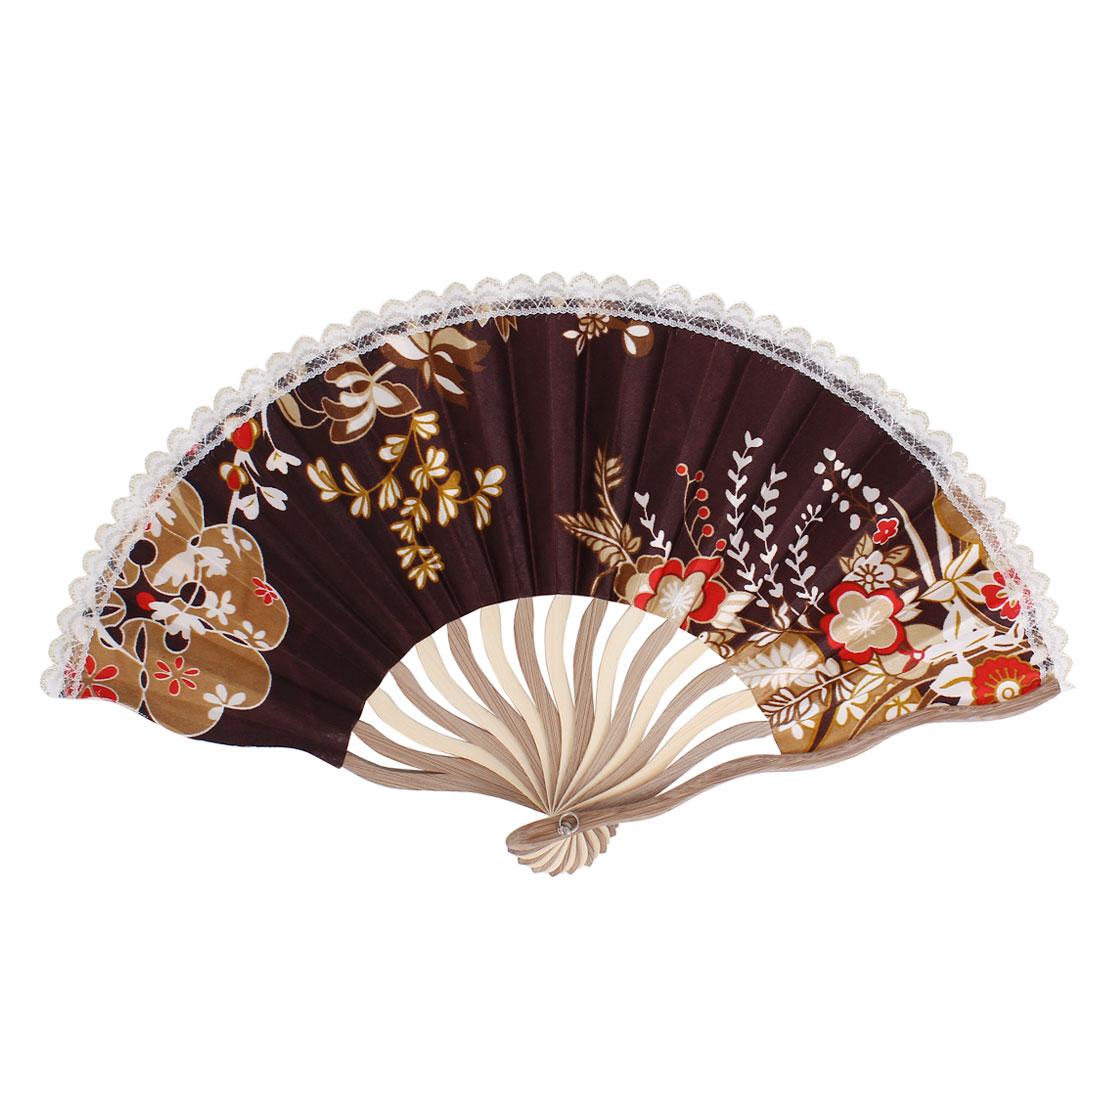 Wood Frame Flowers Pattern Lace Rim Dancing Party Folding Hand Fan Gray